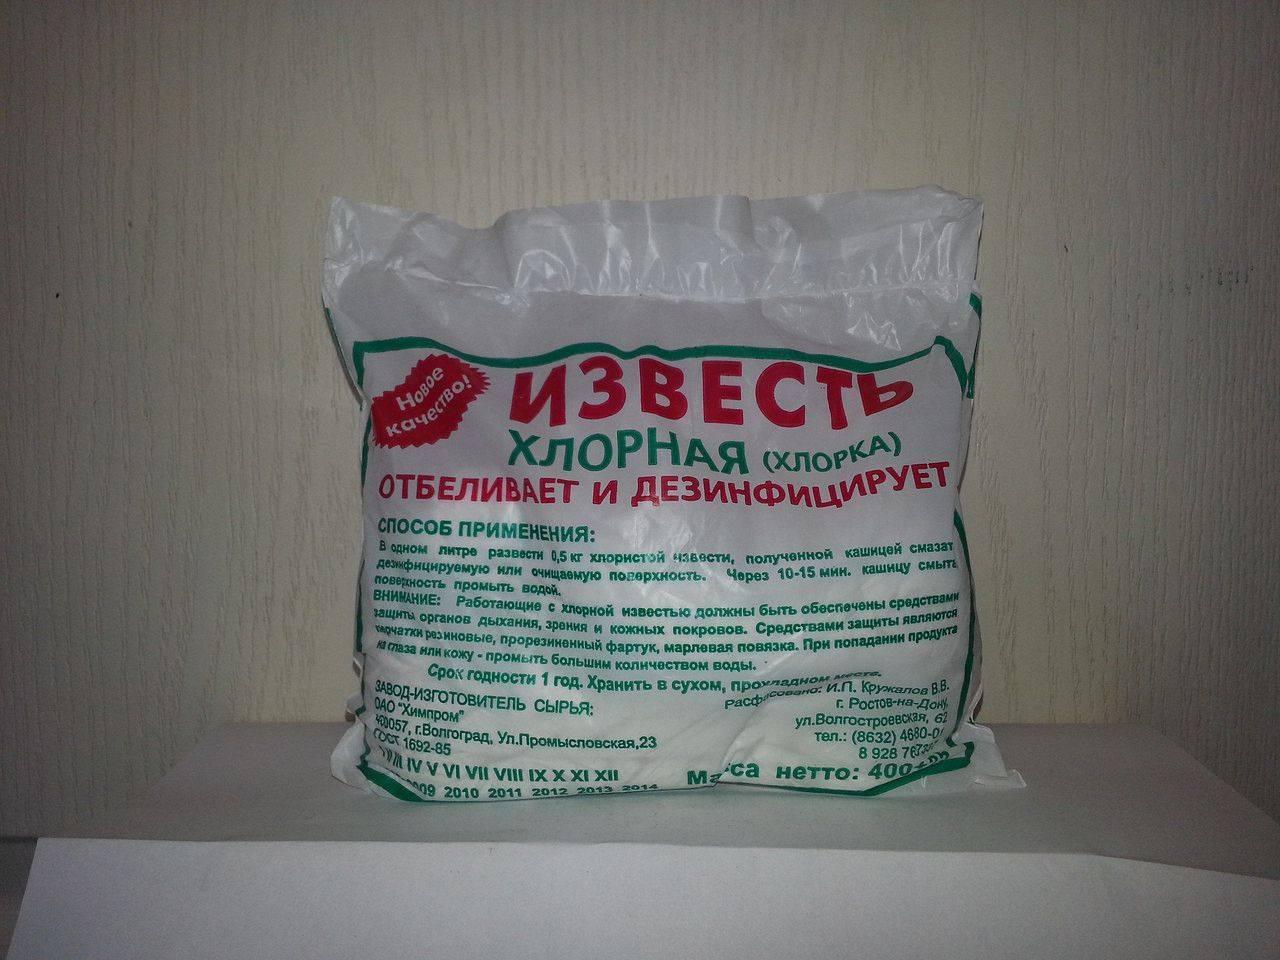 Самостоятельная дезинфекция курятника: подготовка помещения и основные способы антибактериальной обработки